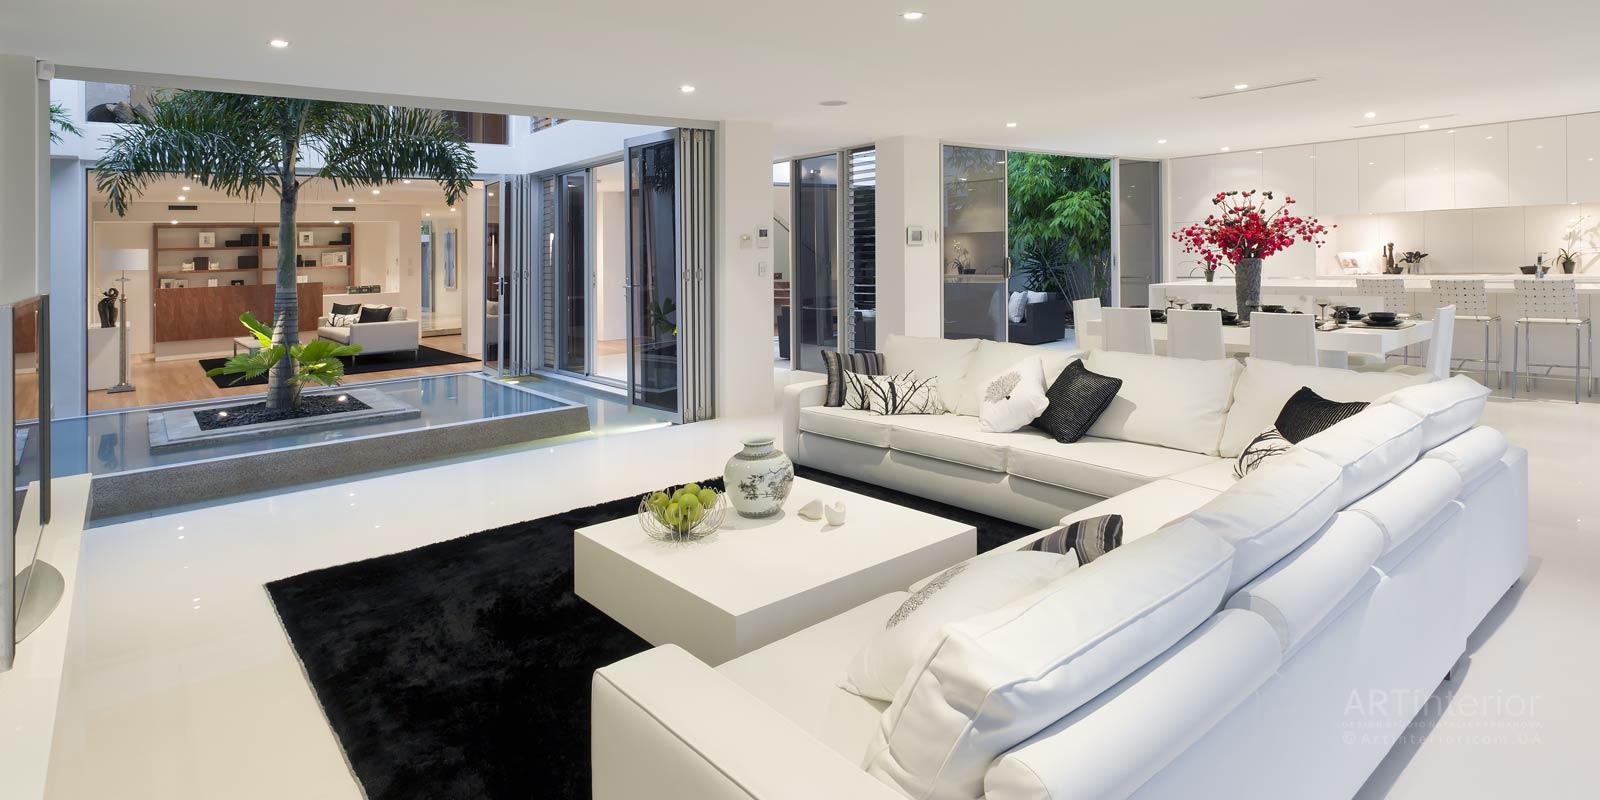 Картинки по запросу Як зробити інтер'єр будинку ексклюзивним?